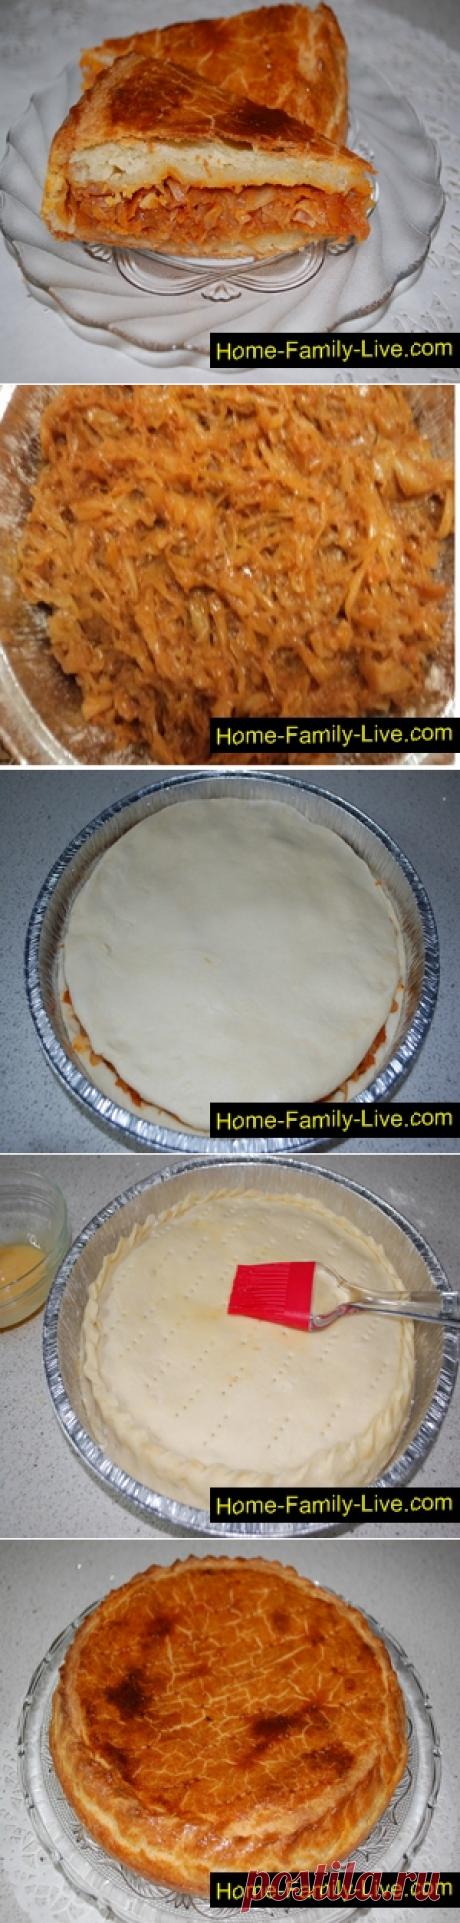 Пирог с капустой/Сайт с пошаговыми рецептами с фото для тех кто любит готовить